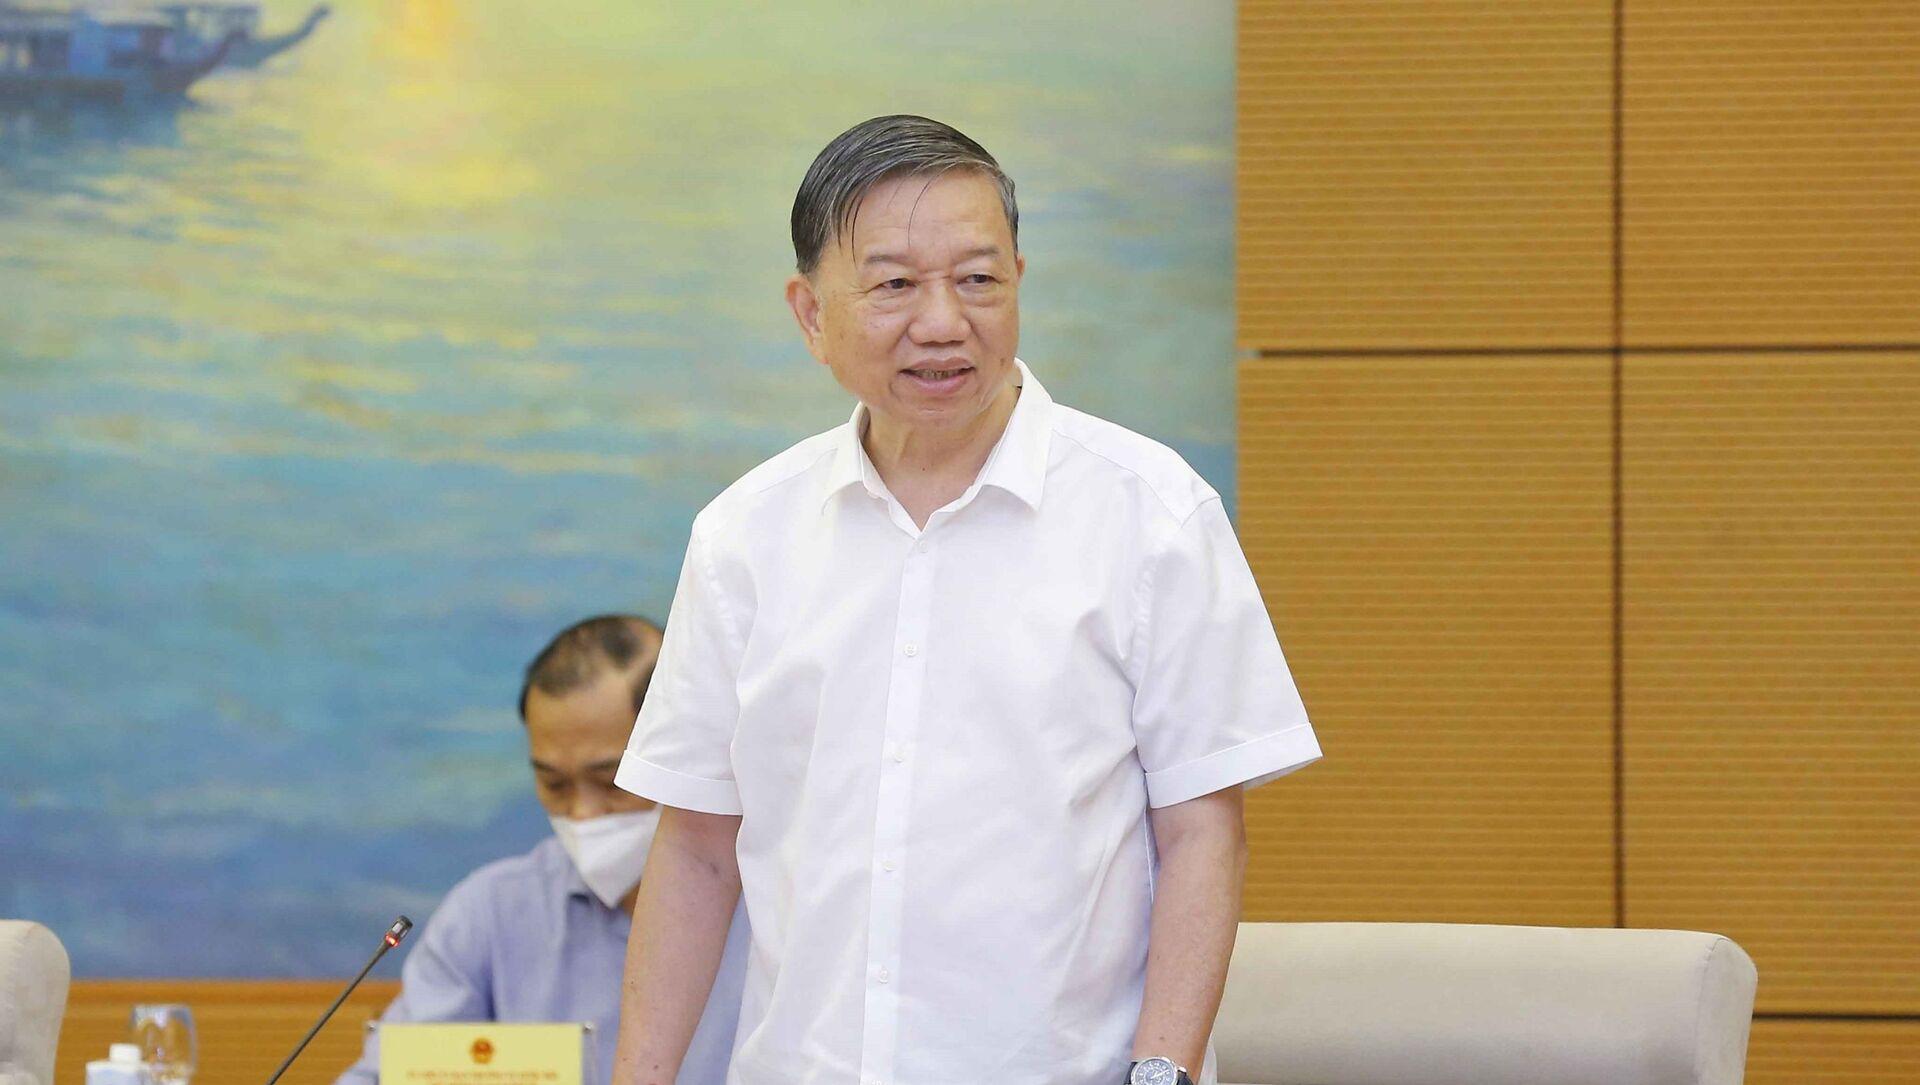 Đại tướng Tô Lâm, Bộ trưởng Bộ Công an, Ủy viên Hội đồng Bầu cử quốc gia phát biểu - Sputnik Việt Nam, 1920, 19.05.2021